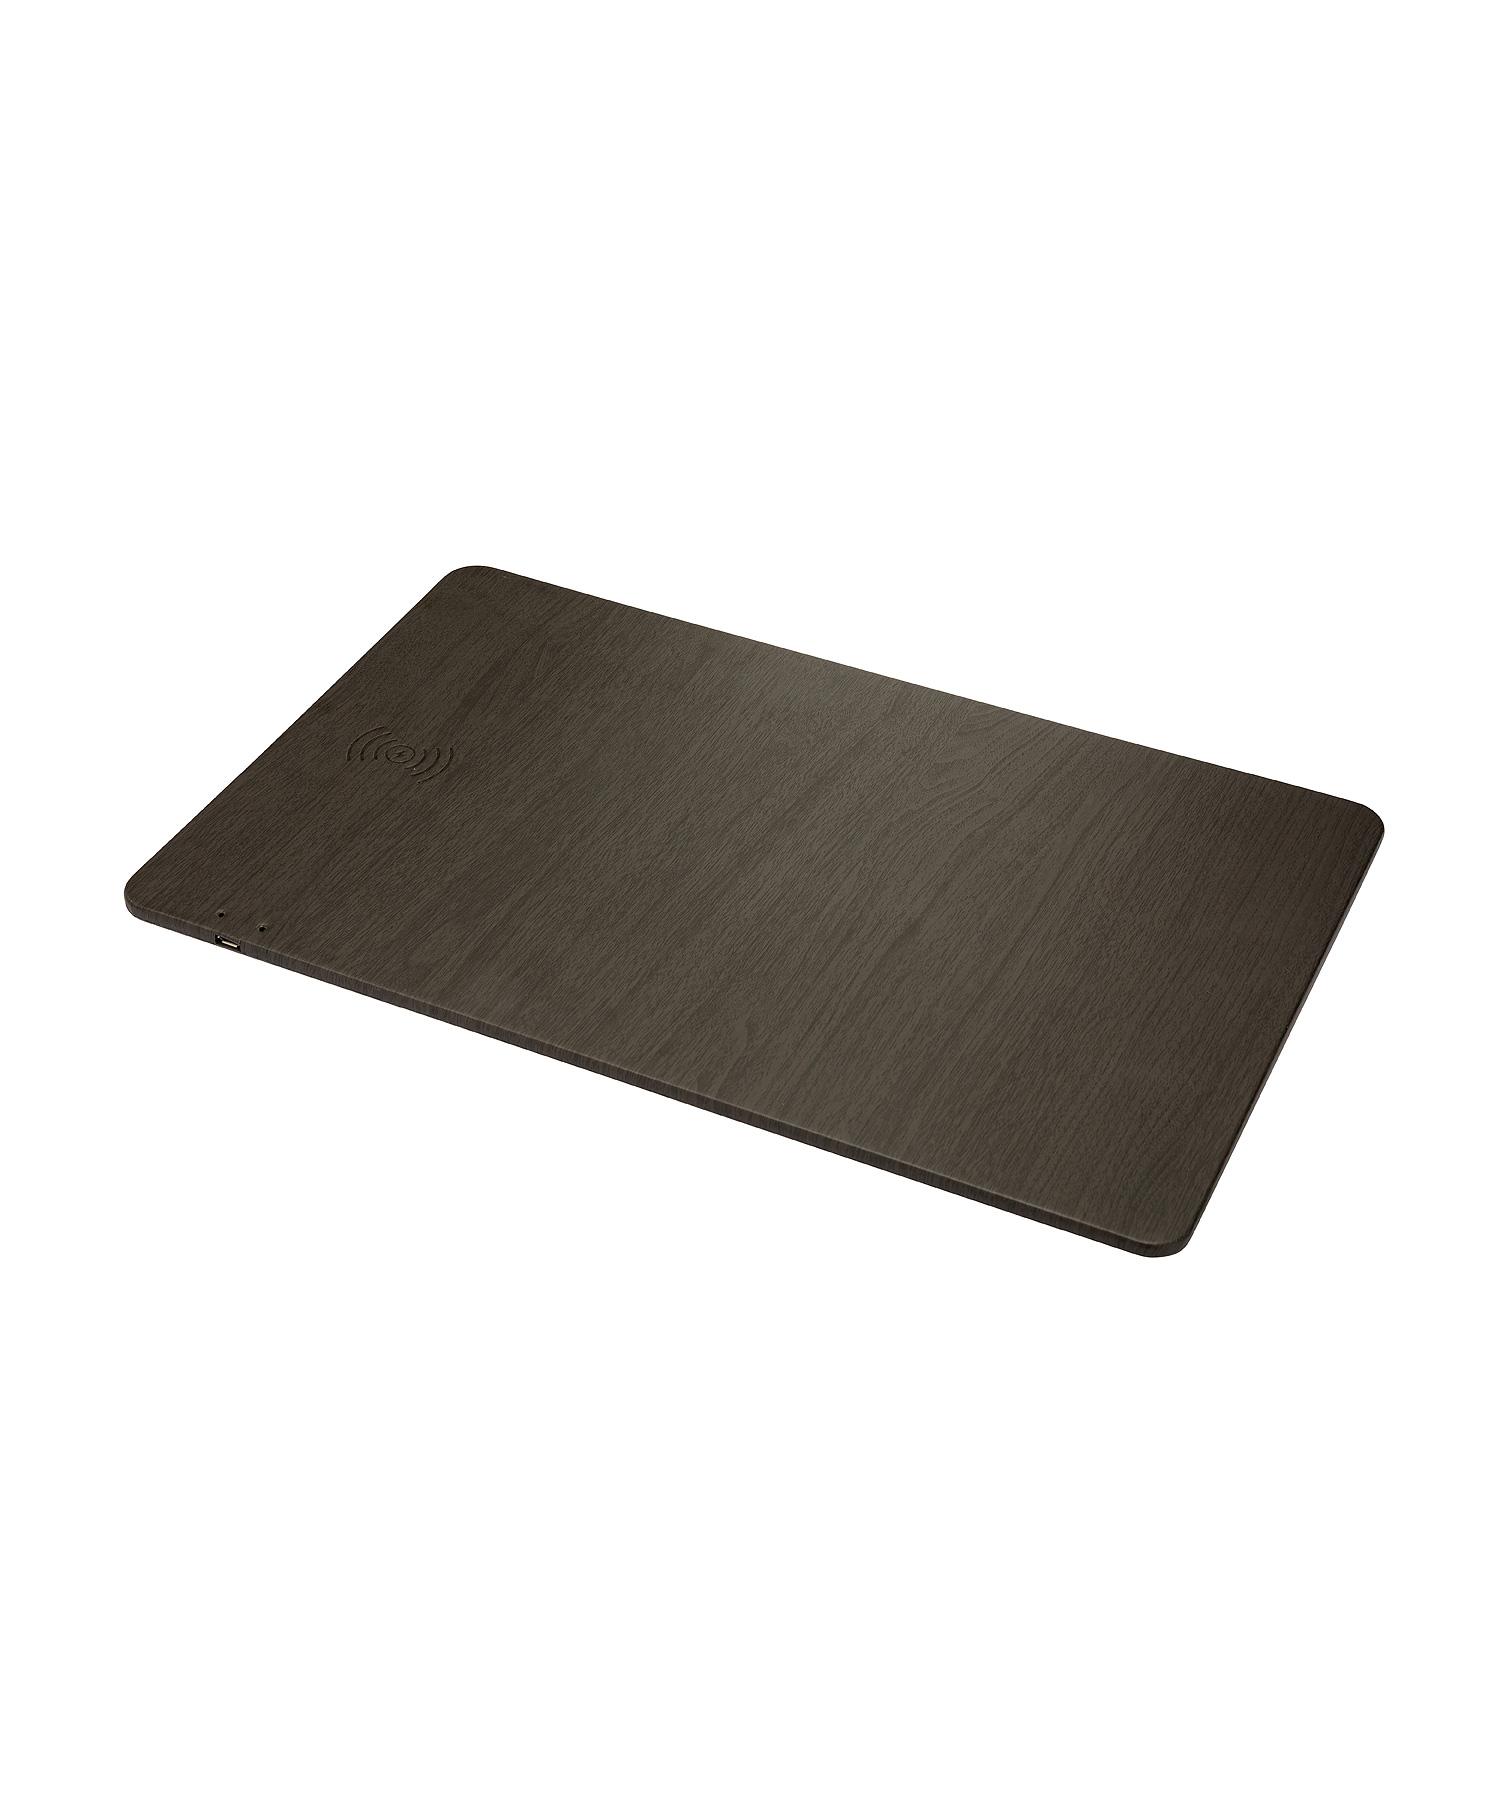 prodotti piccoli 0-39cm